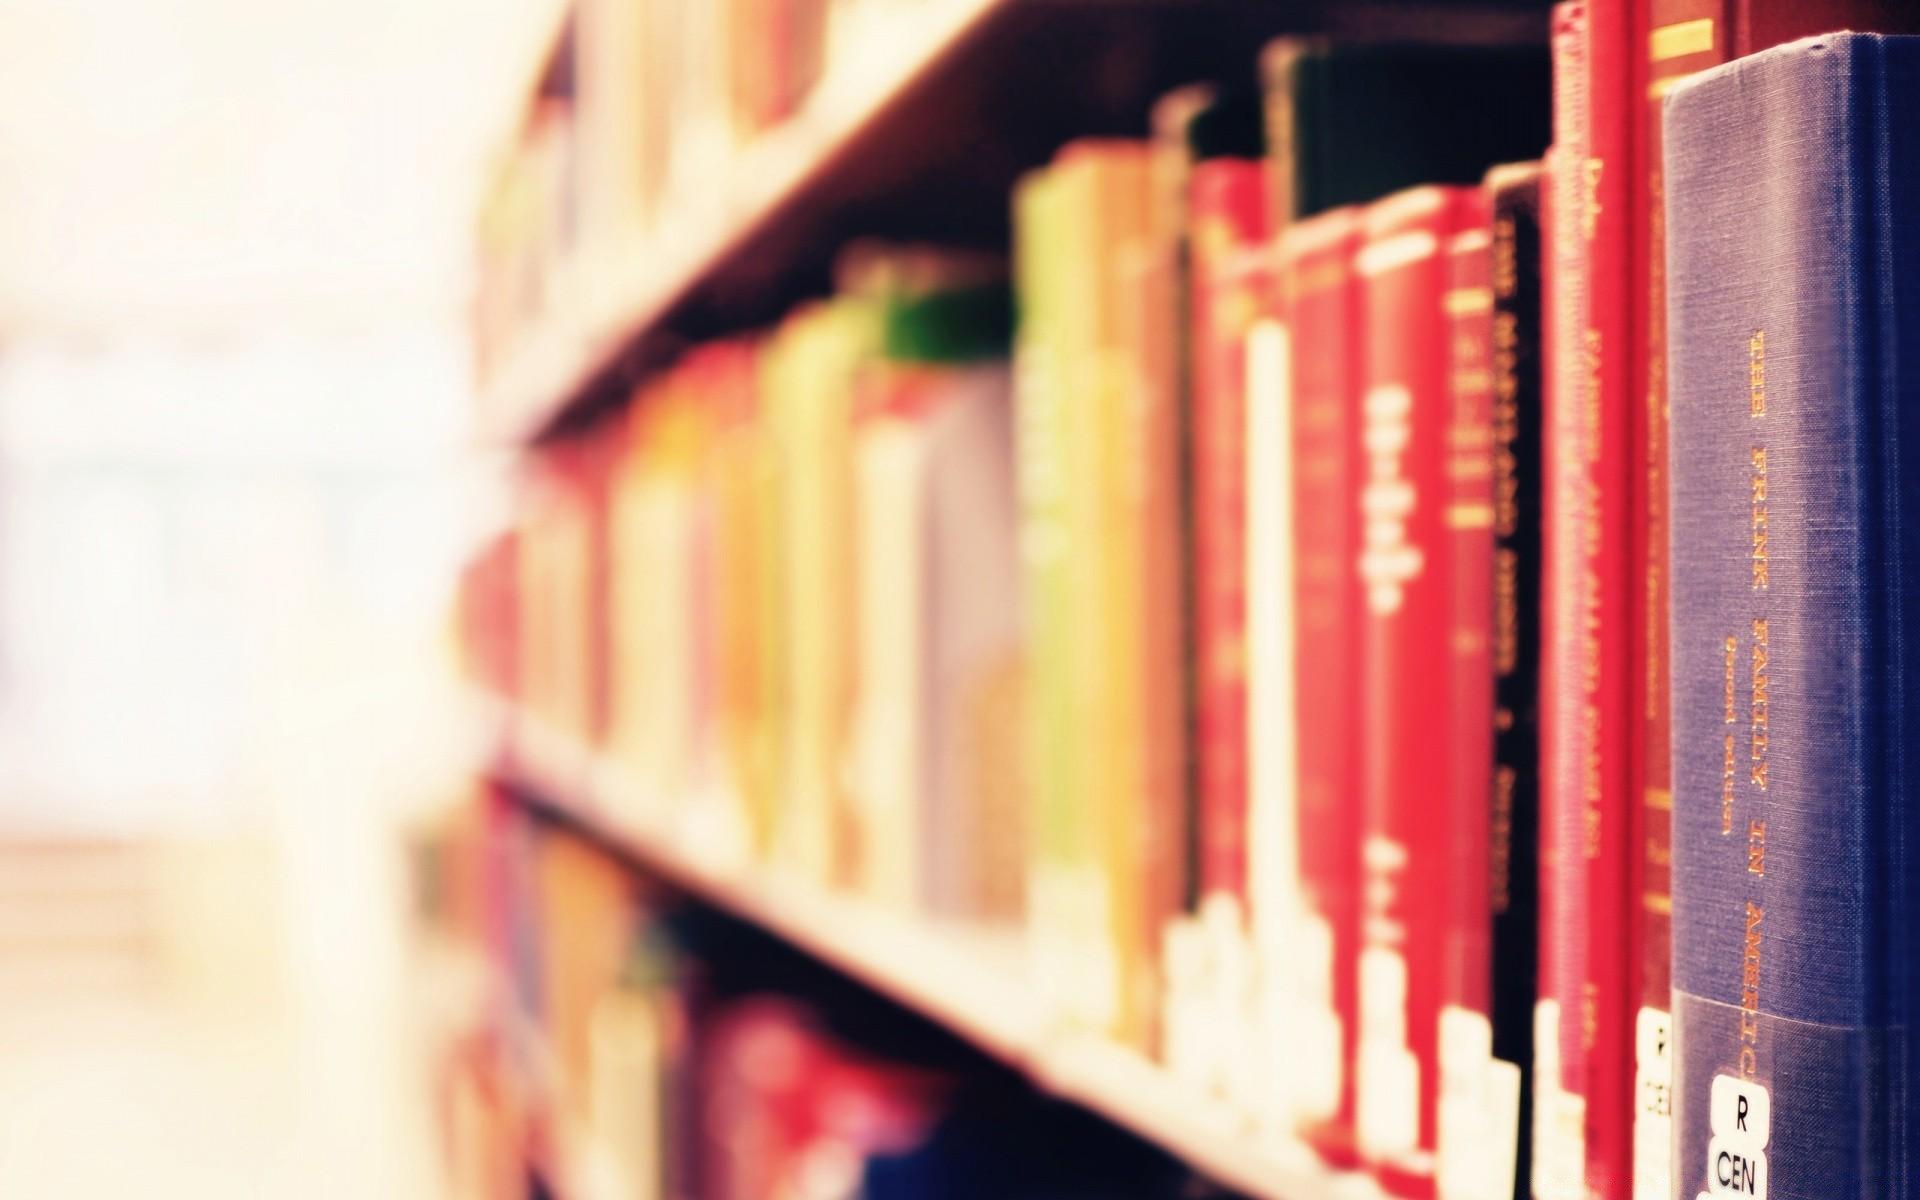 ней картинки книжных полок на рабочий стол светится действительно долго